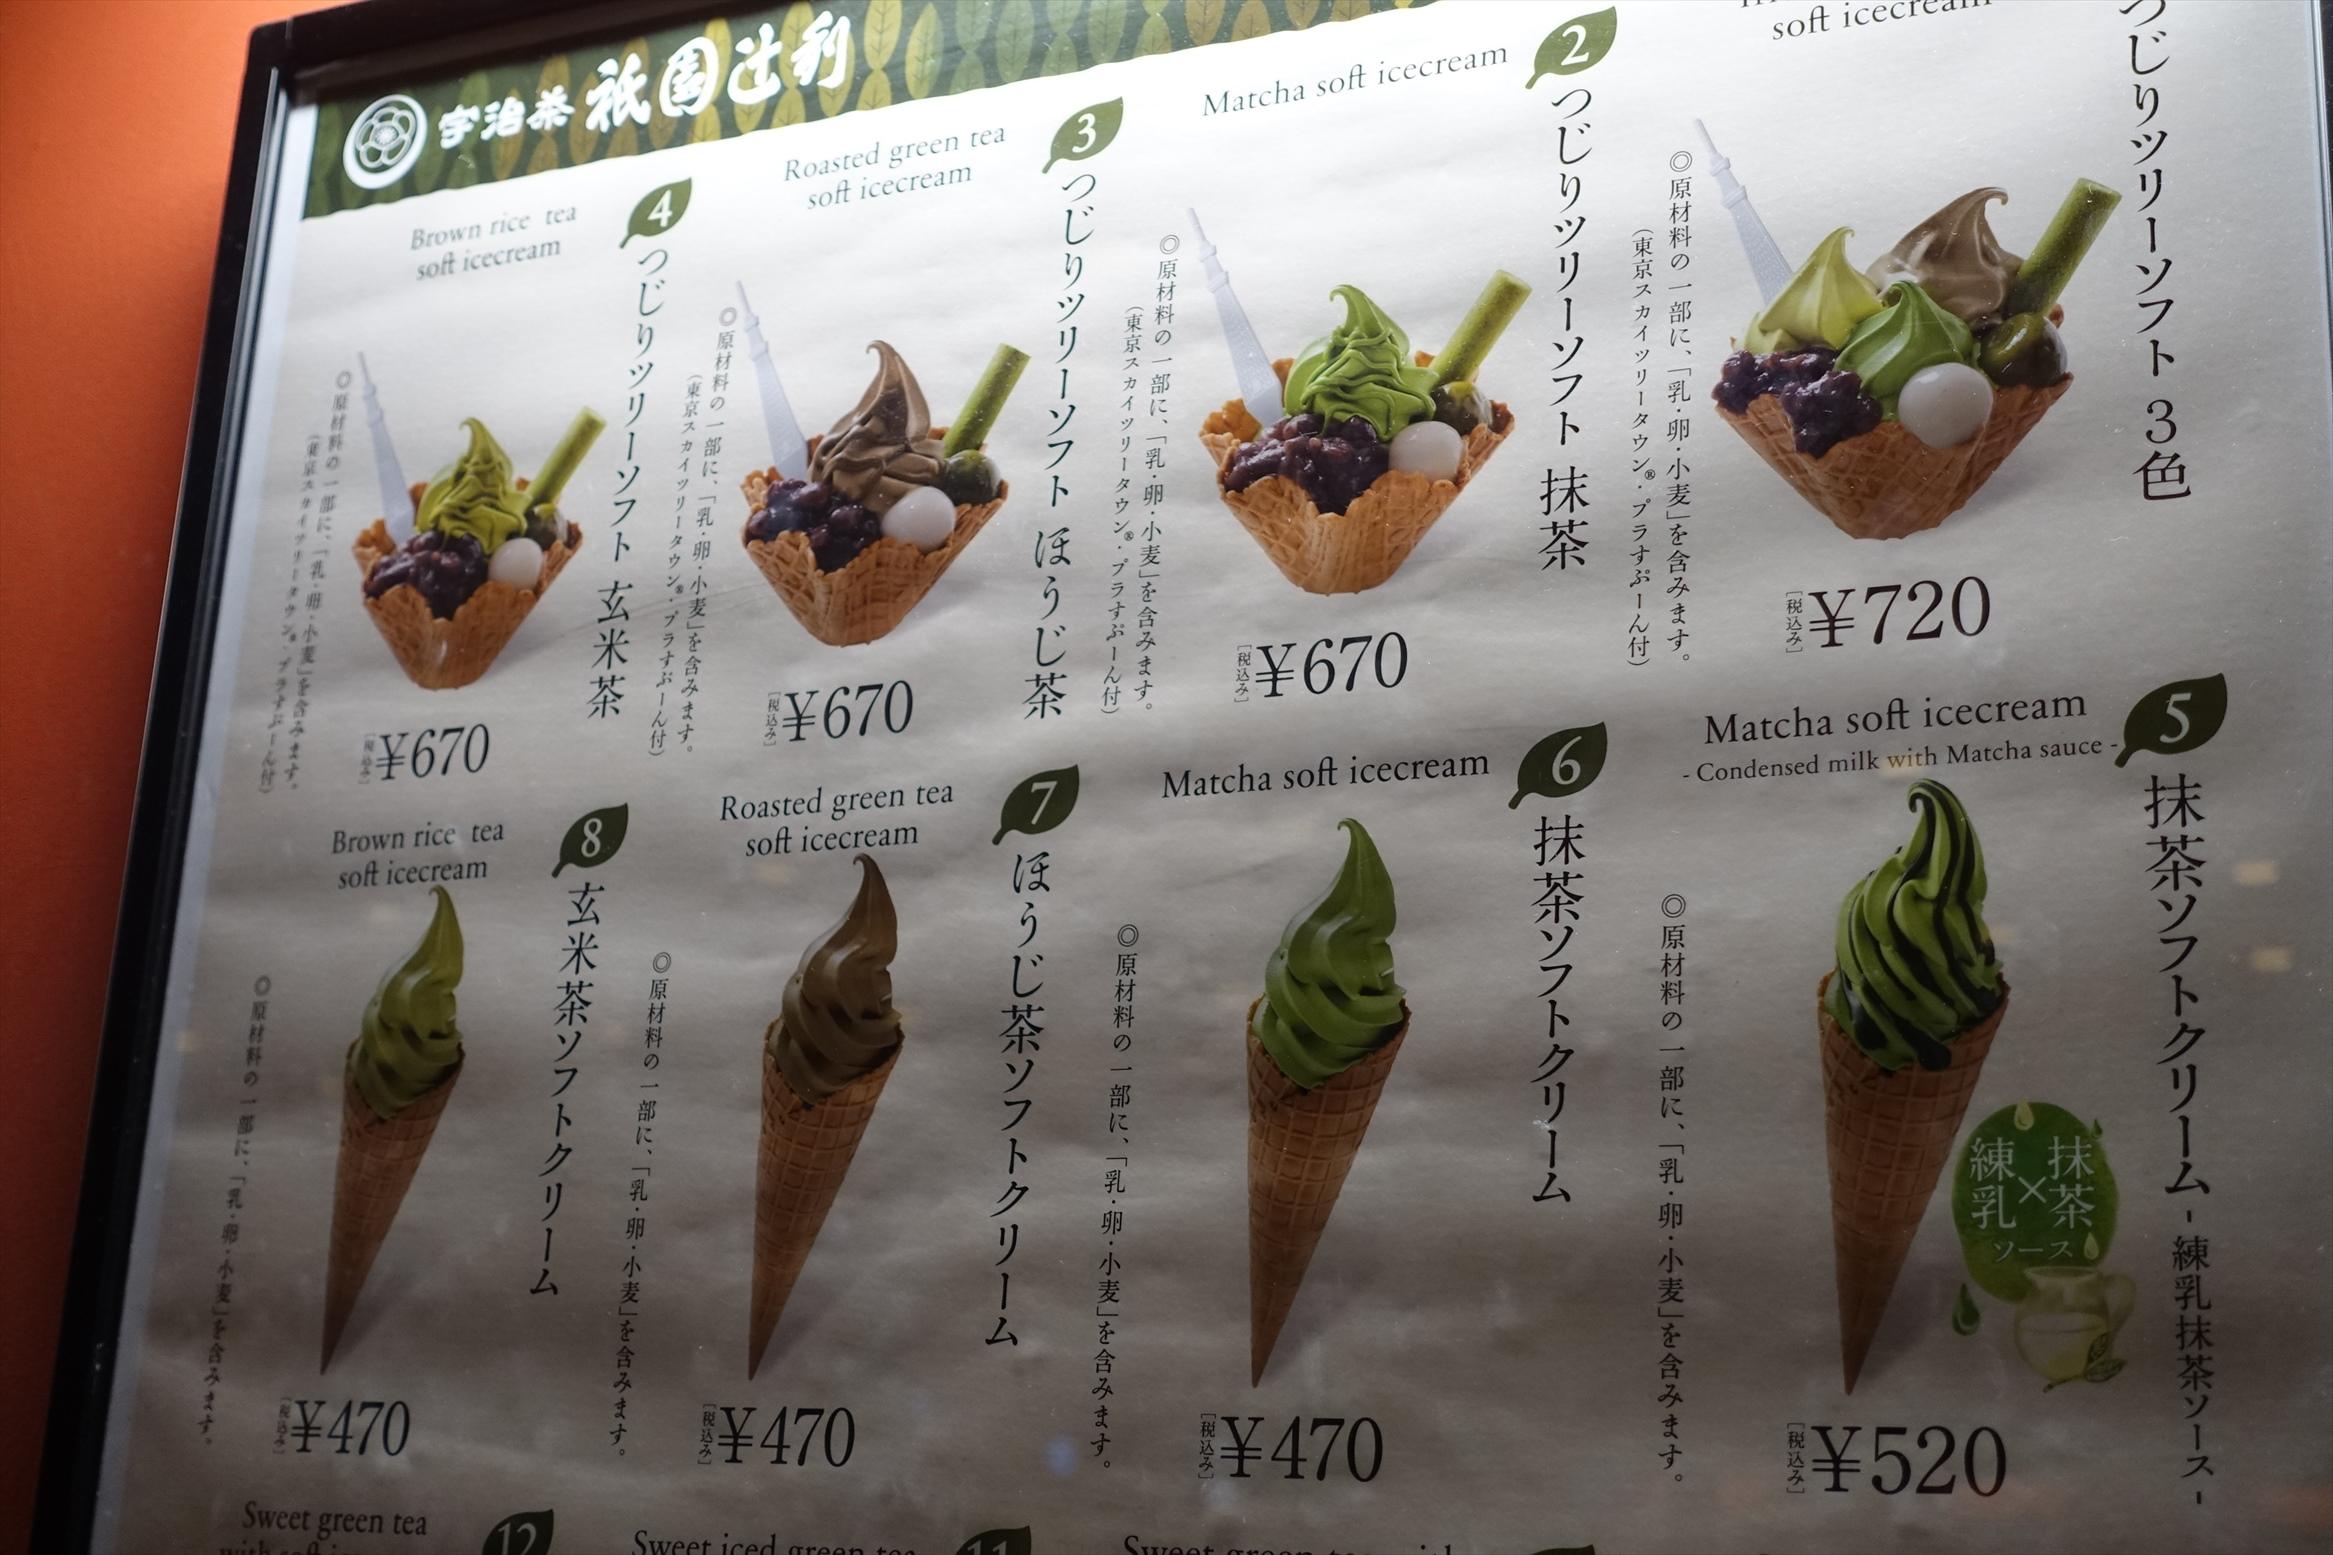 ソラマチおすすめソフトクリームランキング 祇園辻莉022